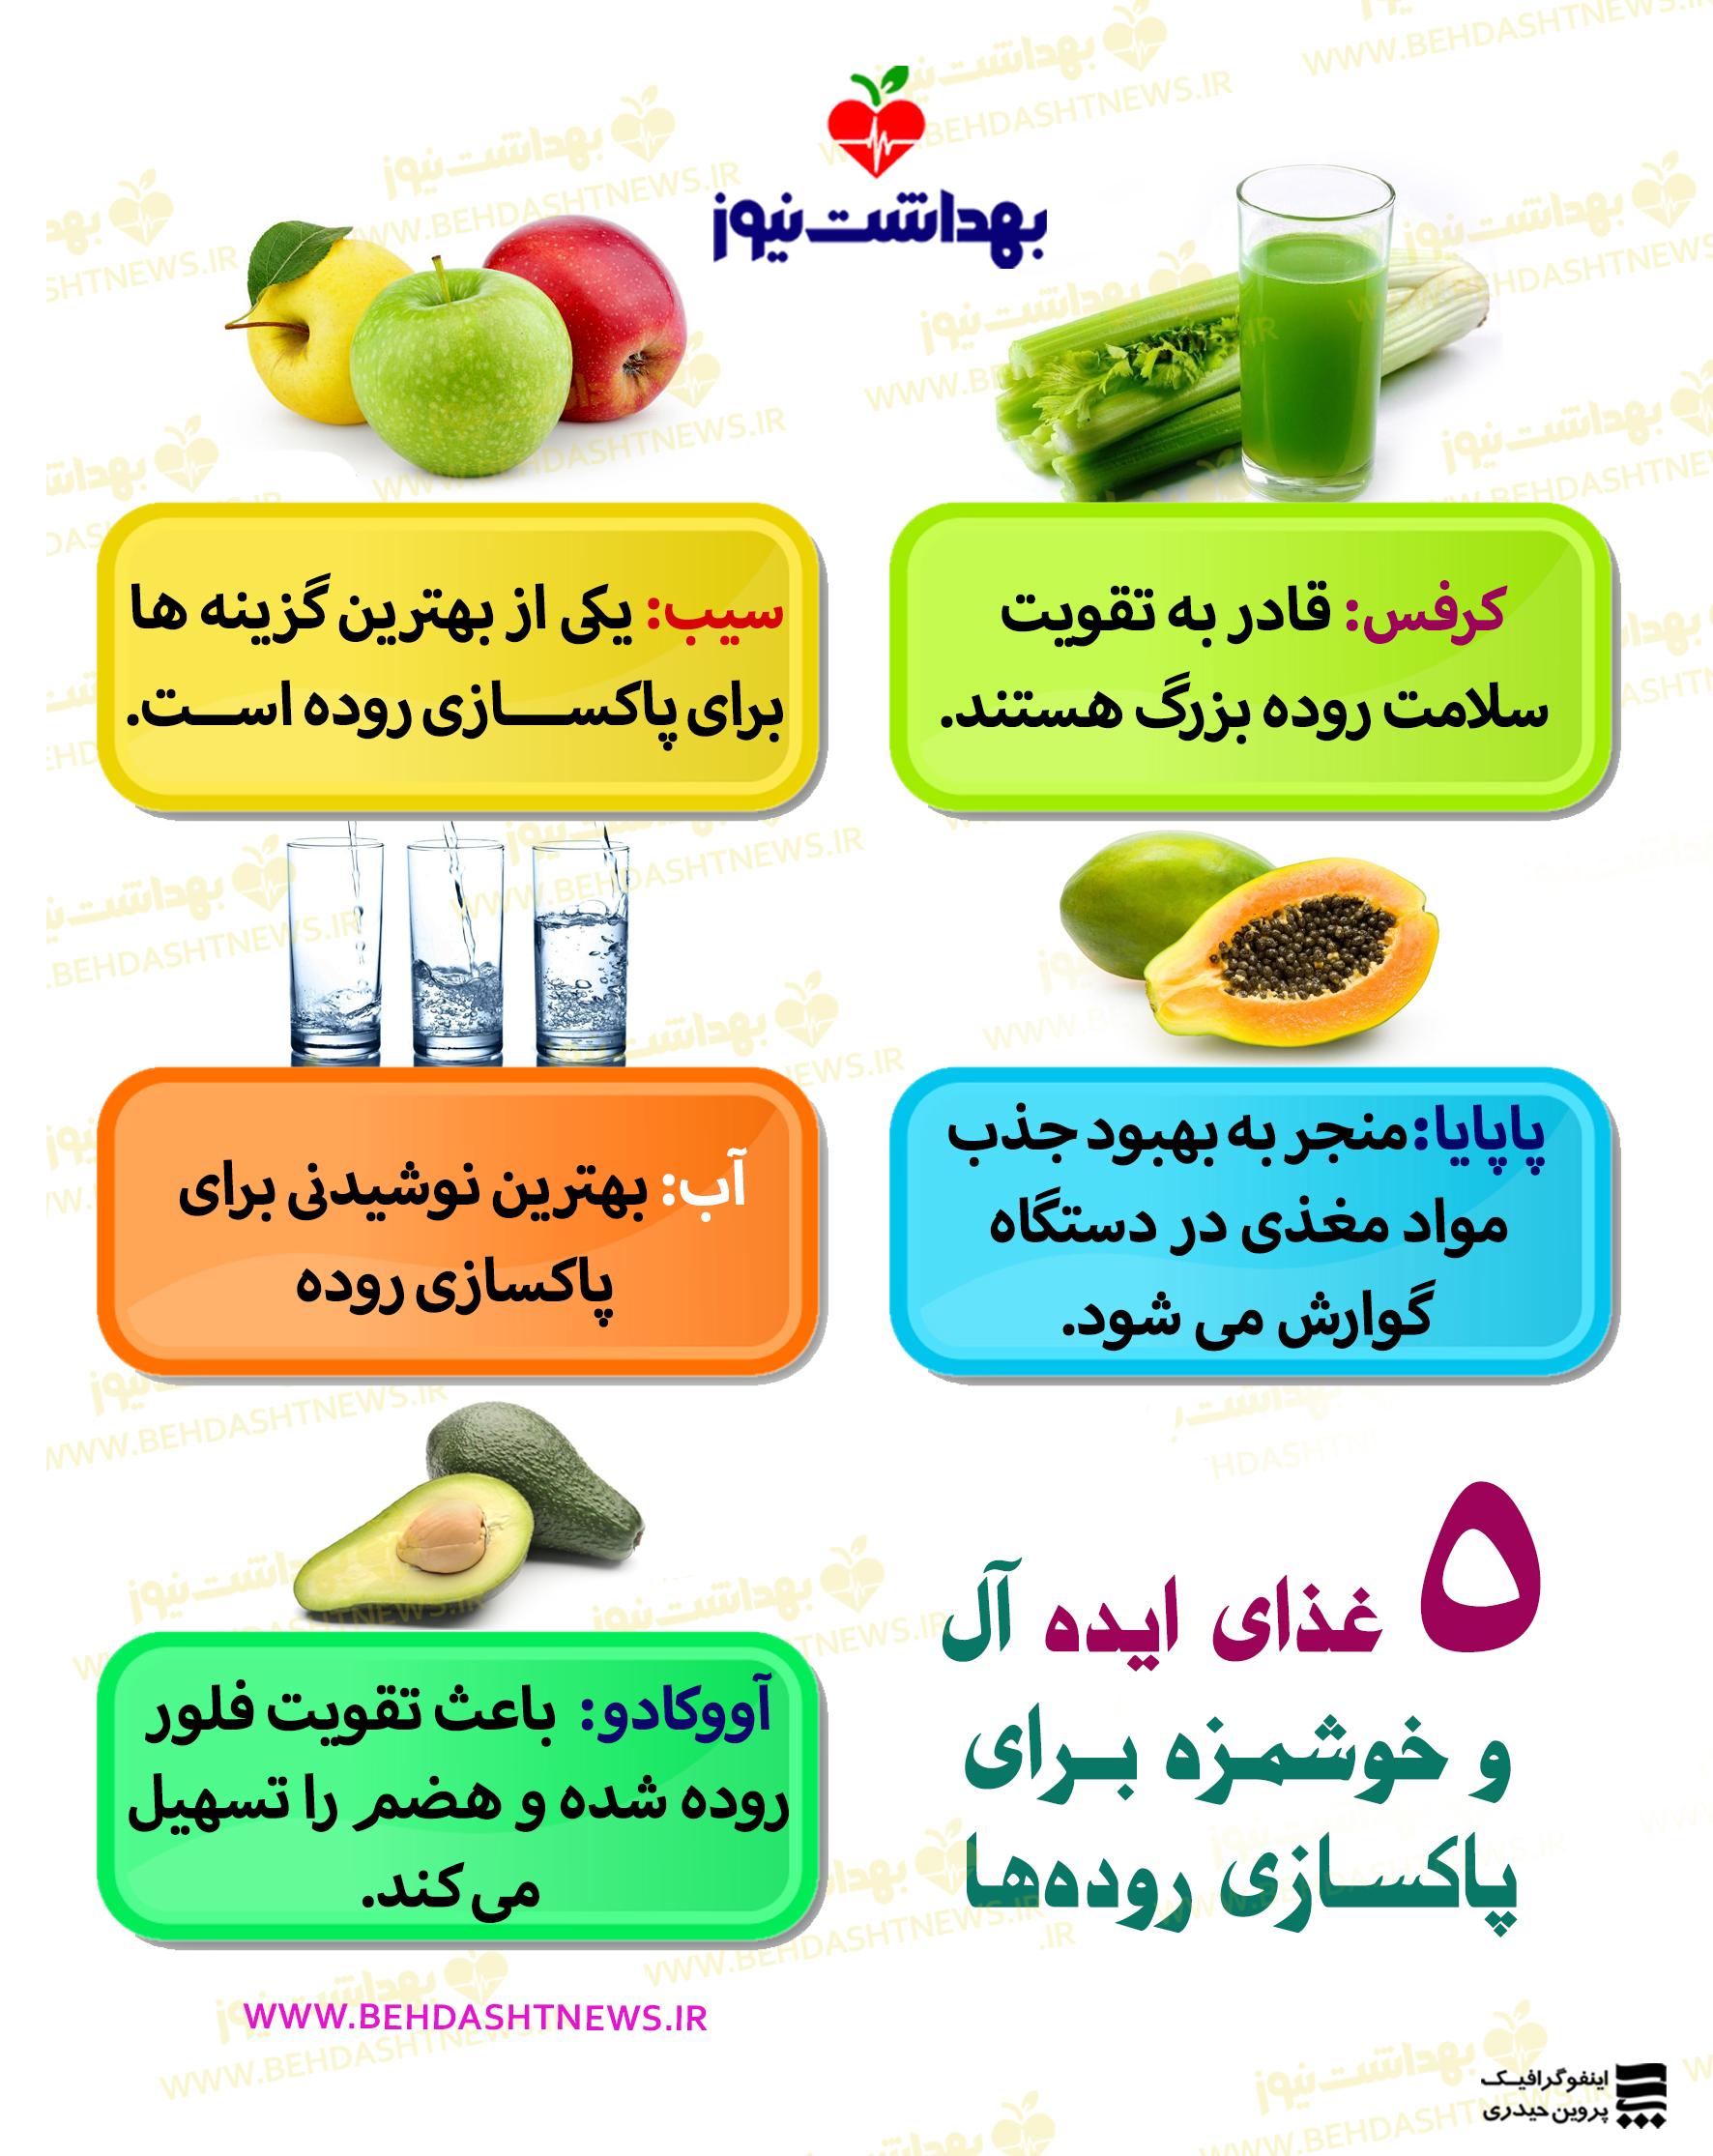 اینفوگرافیک /5 غذای ایده آل و خوشمزه برای پاکسازی رودهها